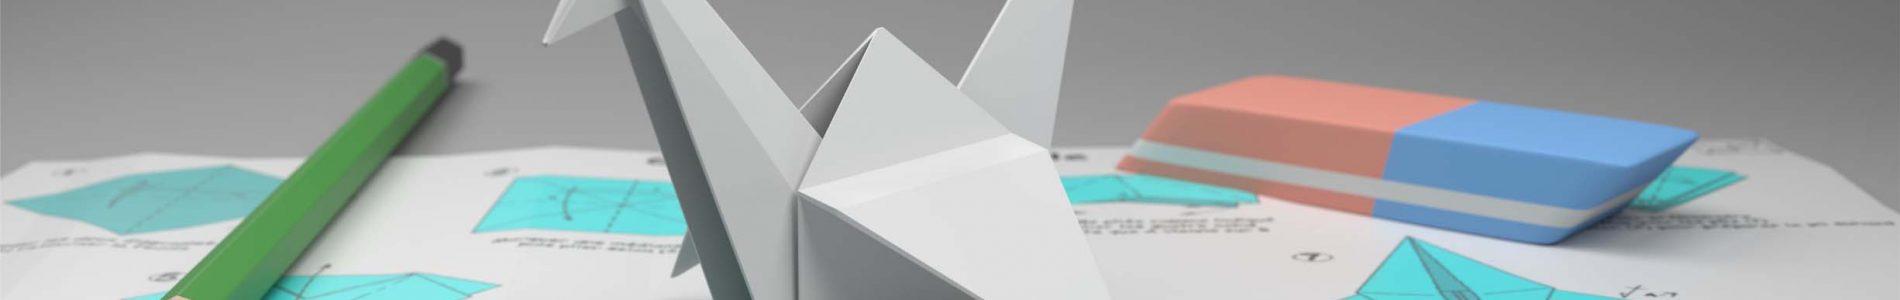 origami-2532622 - Copia